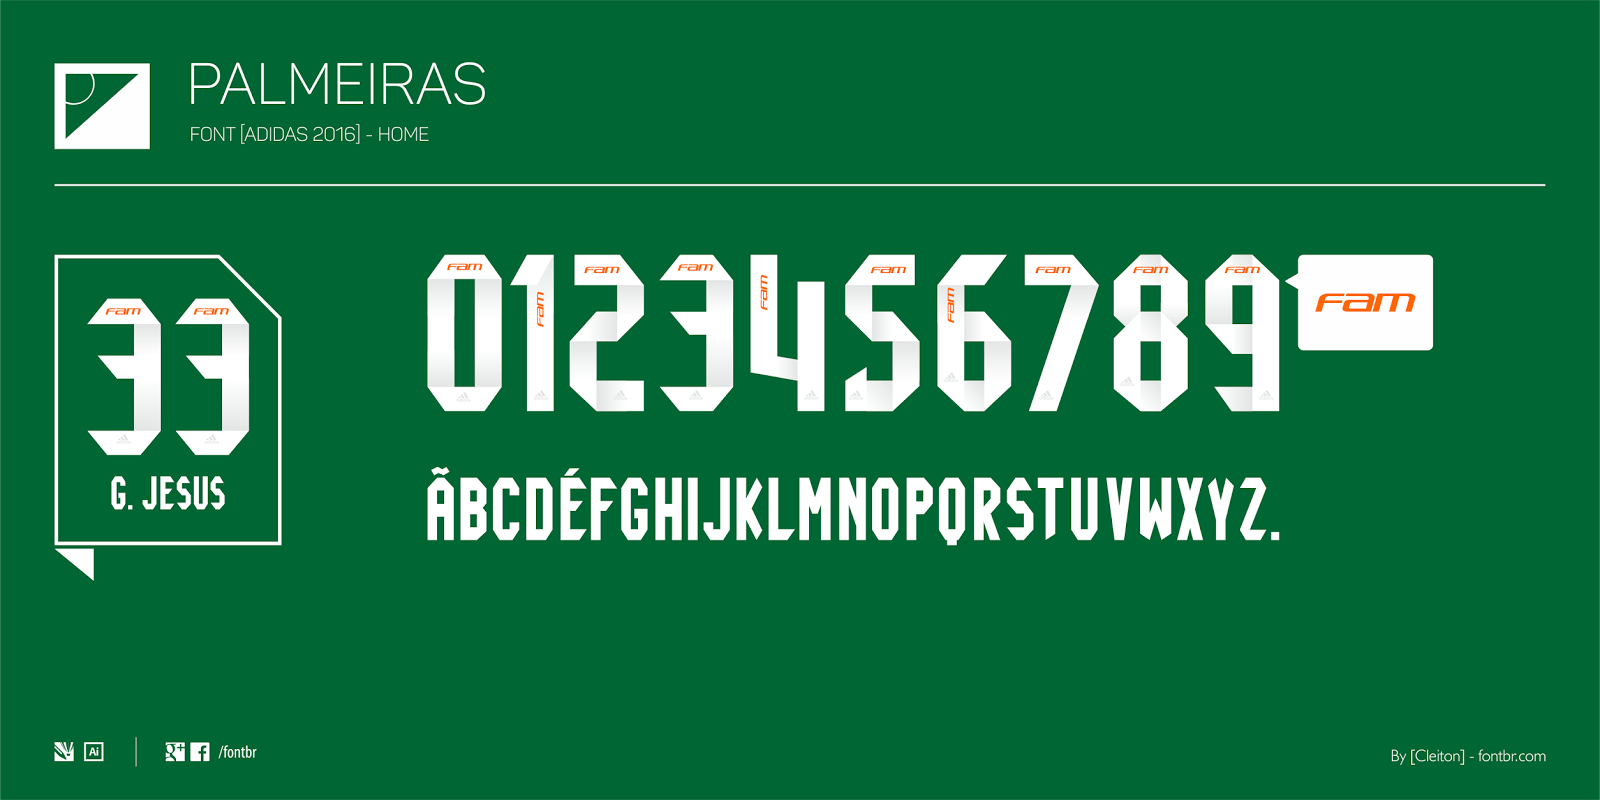 Palmeiras  Adidas 2016  - Home 69f604042a684